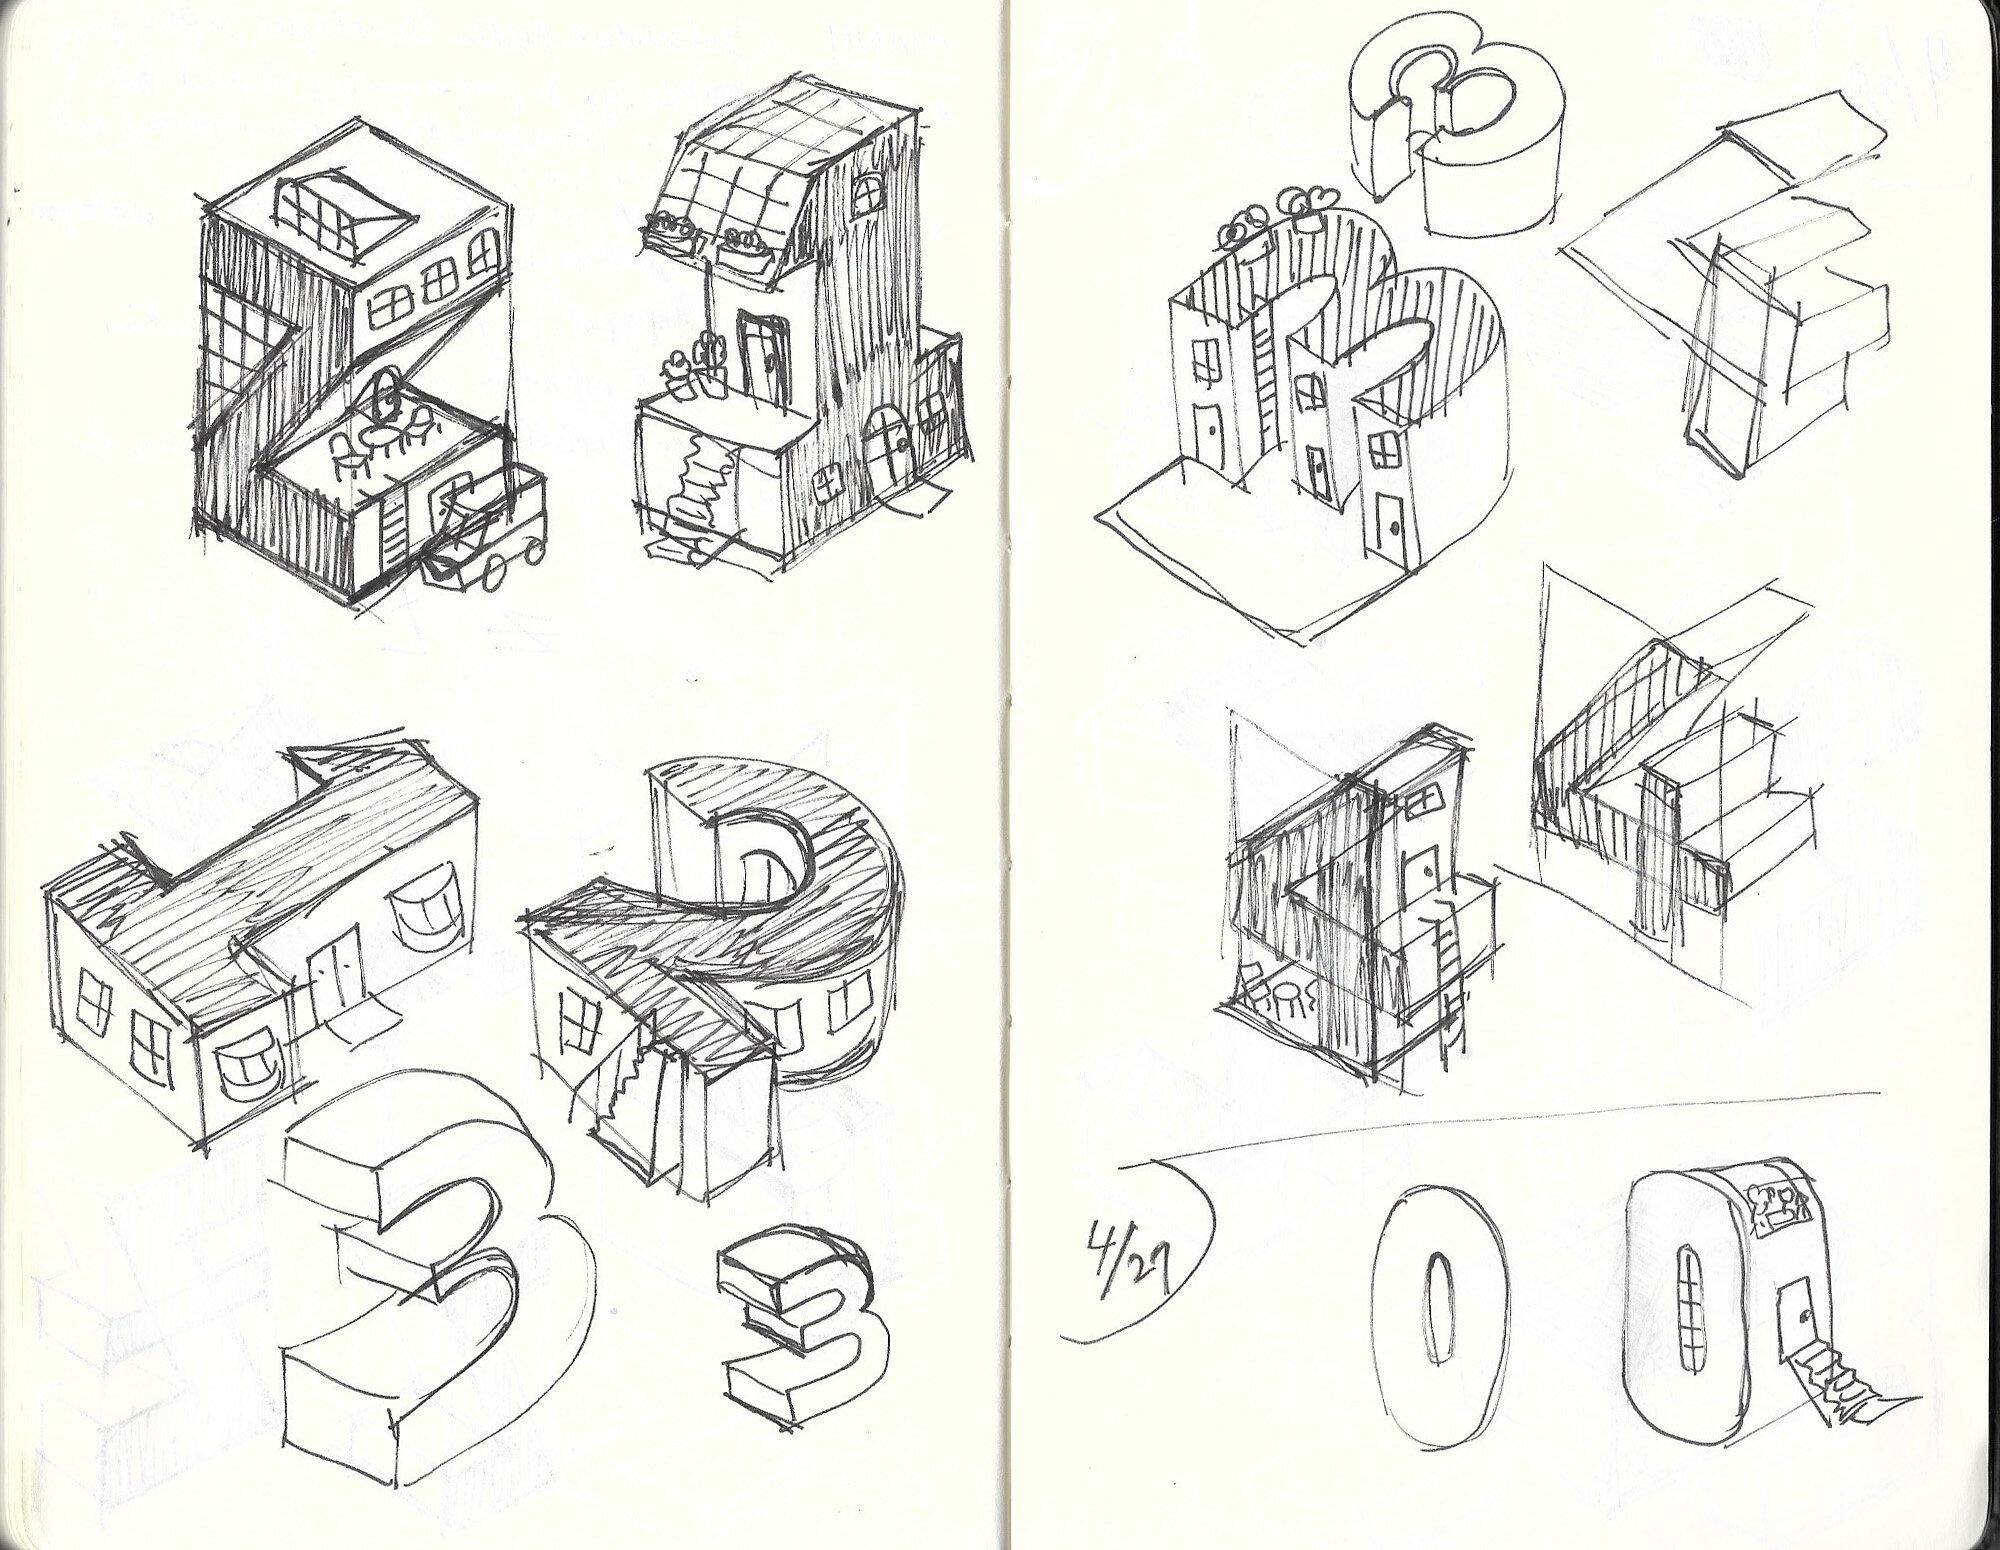 sketch19.jpg